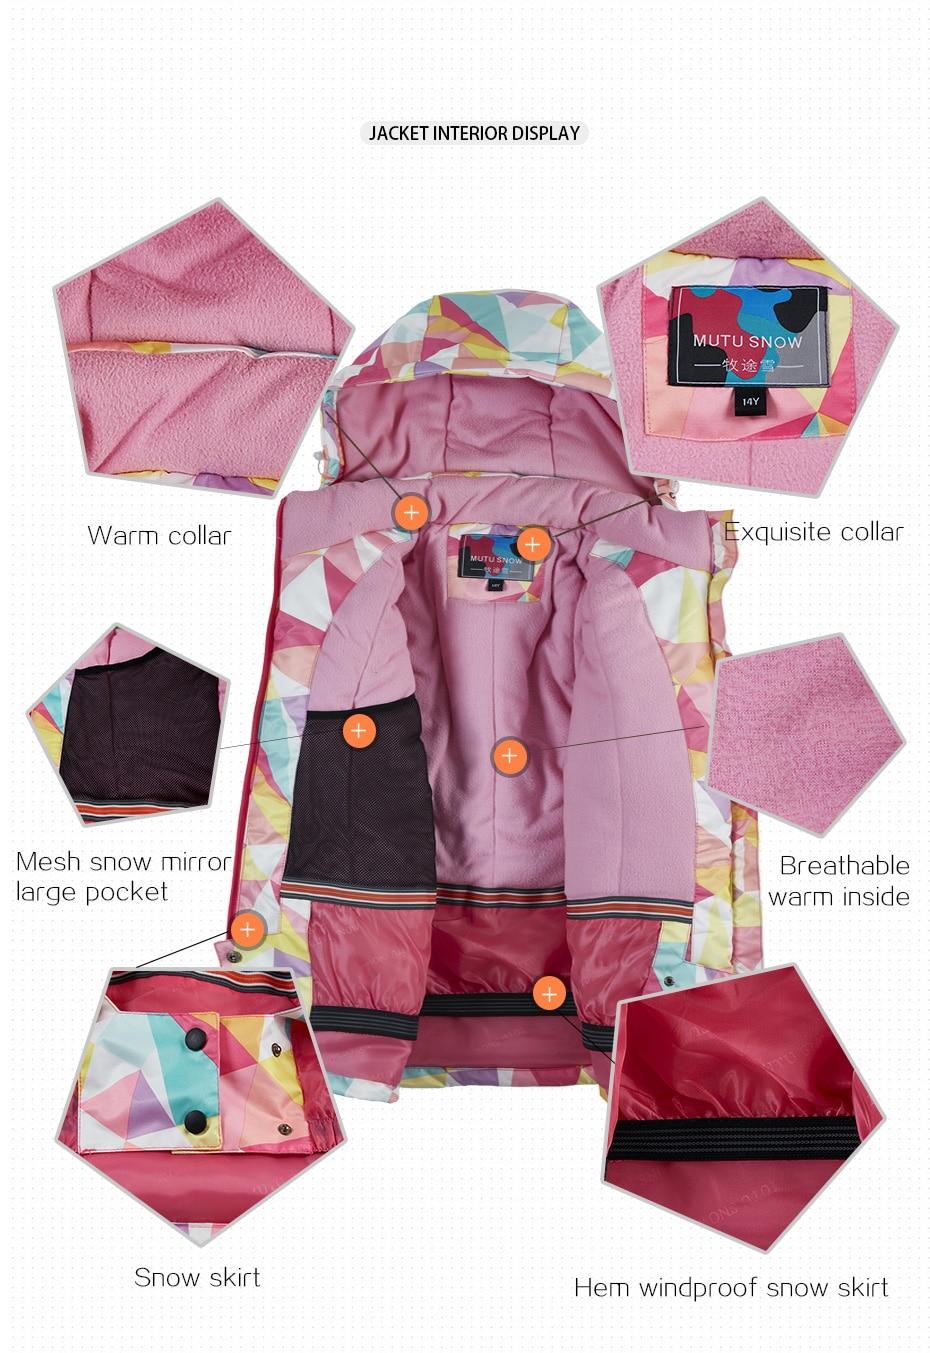 儿童滑雪服套装模板_19